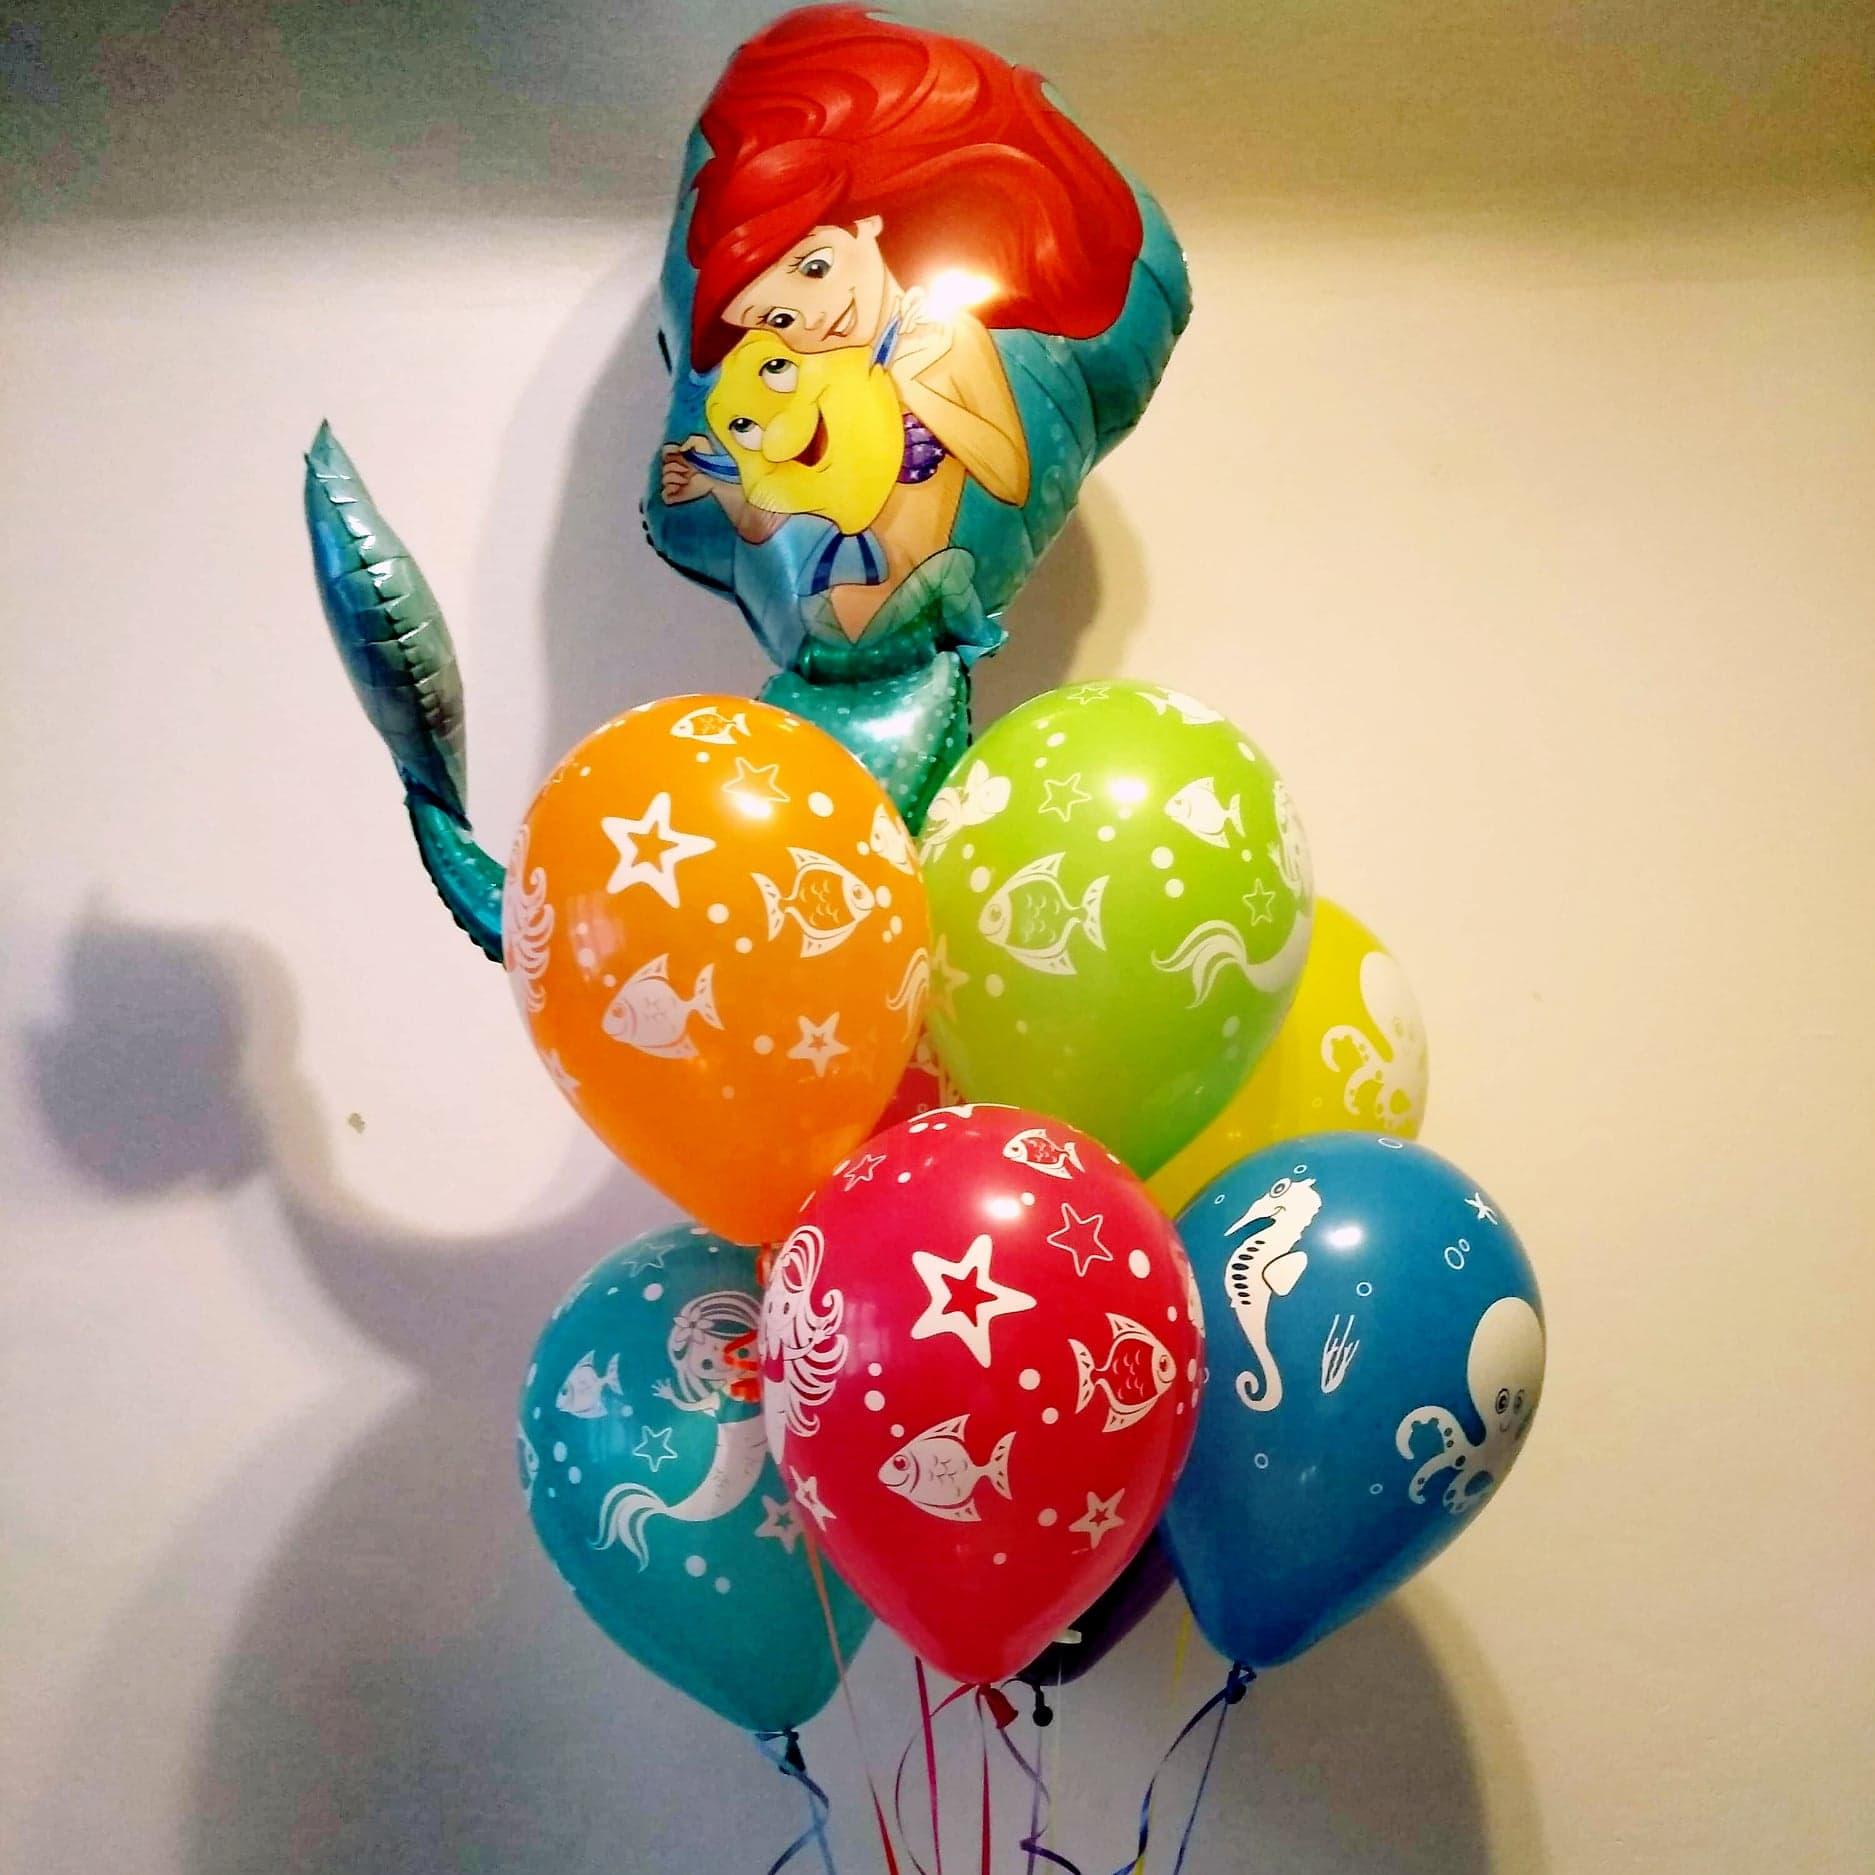 Baloniki gumowe z helem doskonale uzupełniają miejsce pod balonem foliowym z małą syrenką.